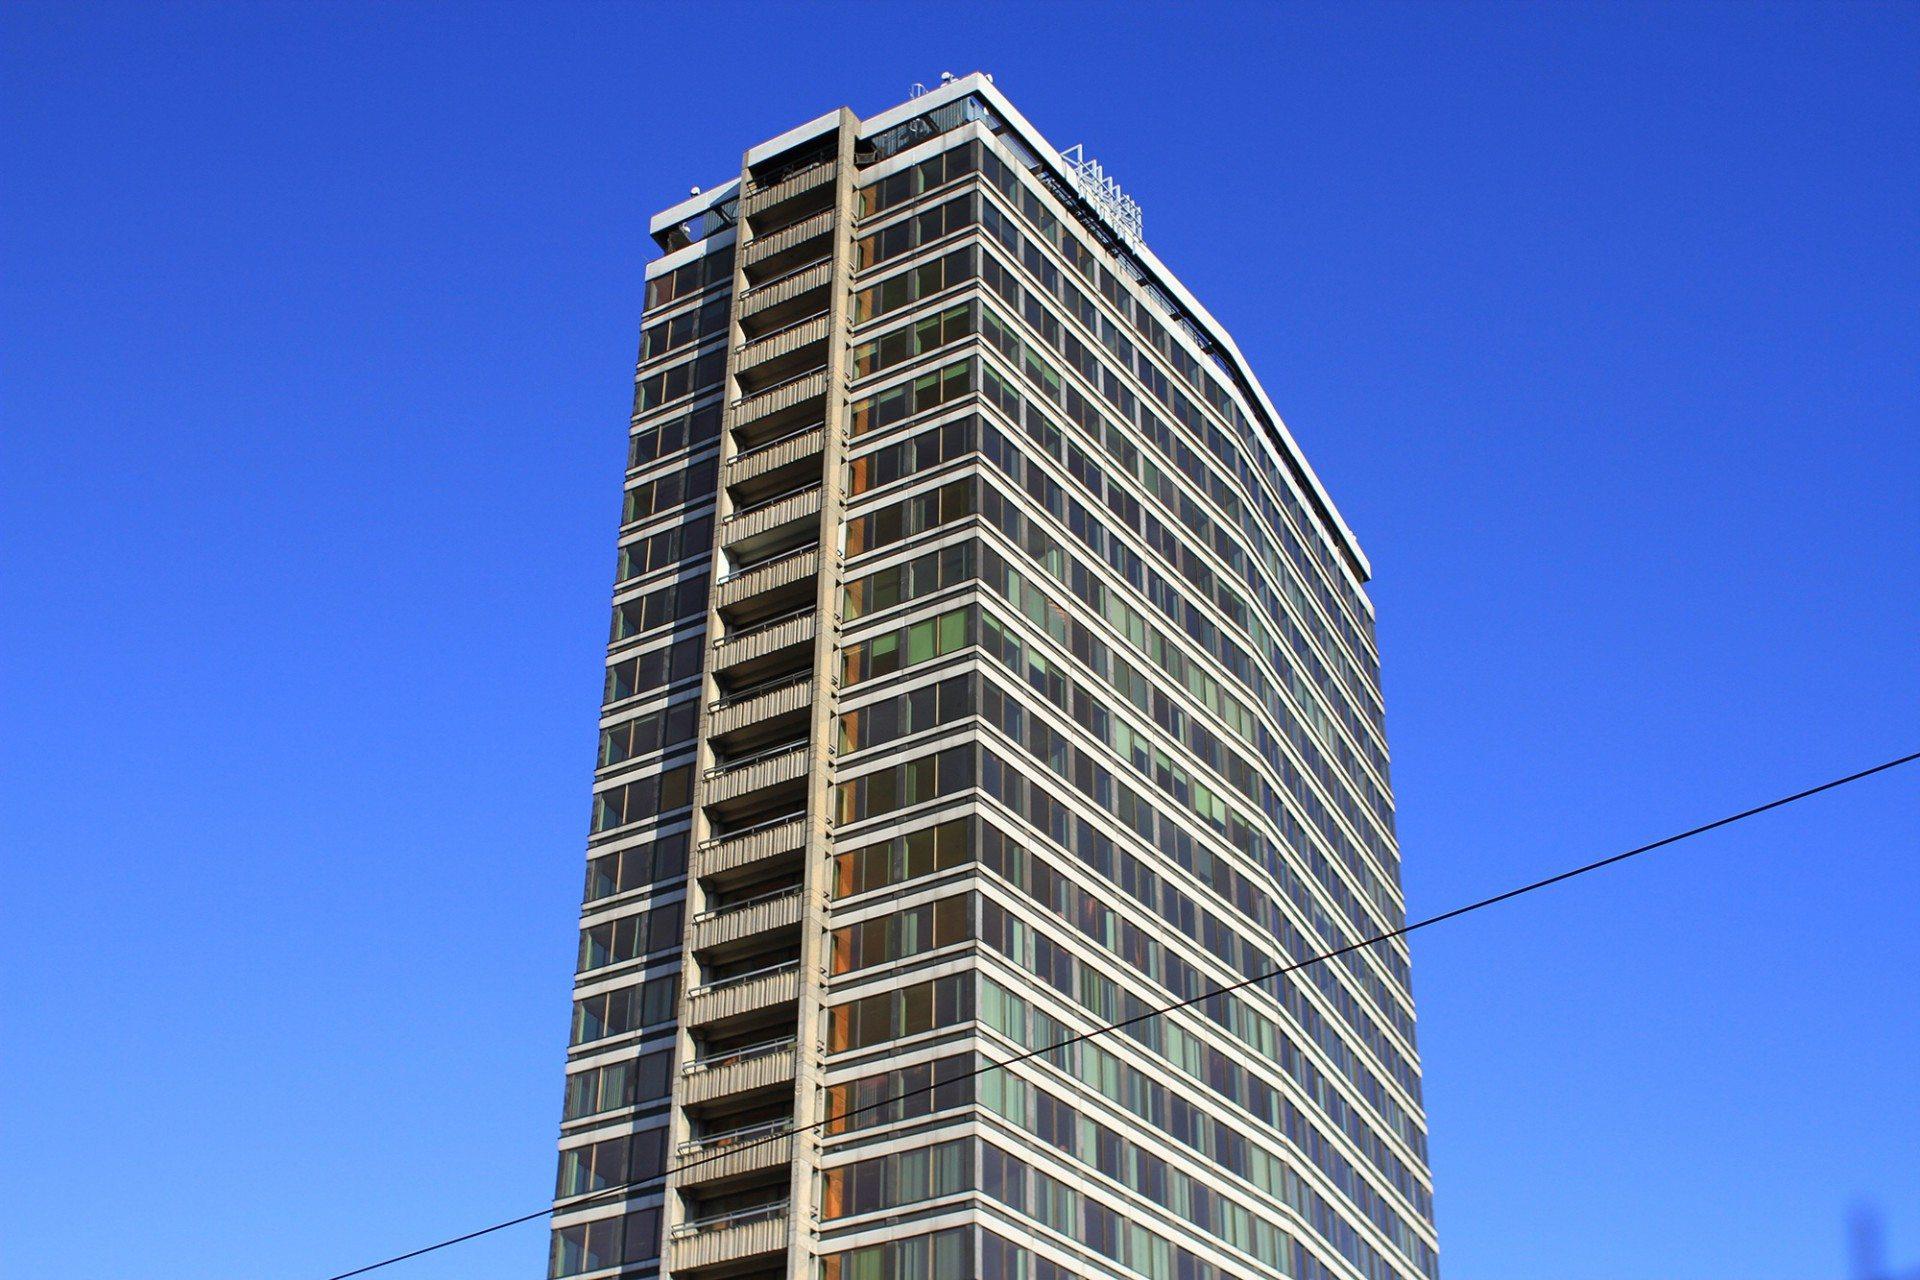 """Geknickt. Der """"Antwerp Tower"""" unweit der Meir, der Flaniermeile der Stadt, wurde 1974 von Conix Architecten und Vincent van Duysen Architects im internationalen Stil errichtet. Mit 87 Metern und 25 Etagen ist er nach der Liebfrauen-Kathedrale (UNESCO-Weltkulturerbe) und dem Boerentoren der dritthöchste Turm der Stadt."""